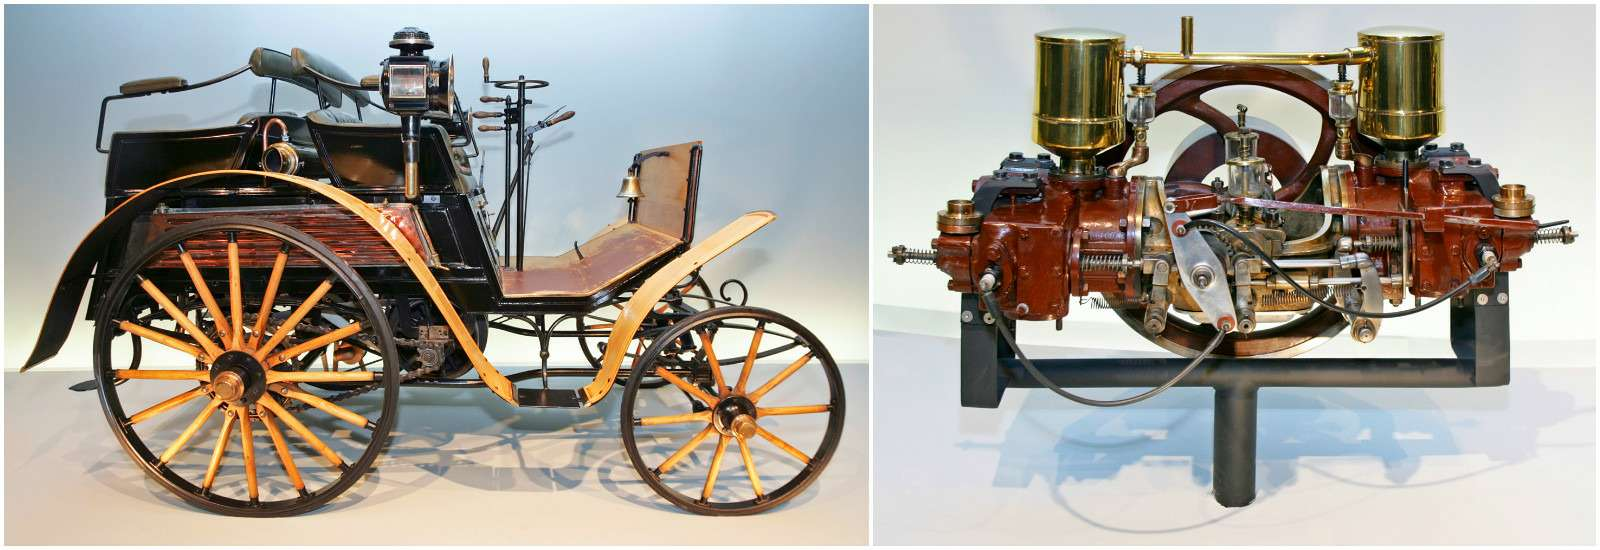 Вспоминаем первые автомобили: прелюдия длятелеги смотором— фото 694132